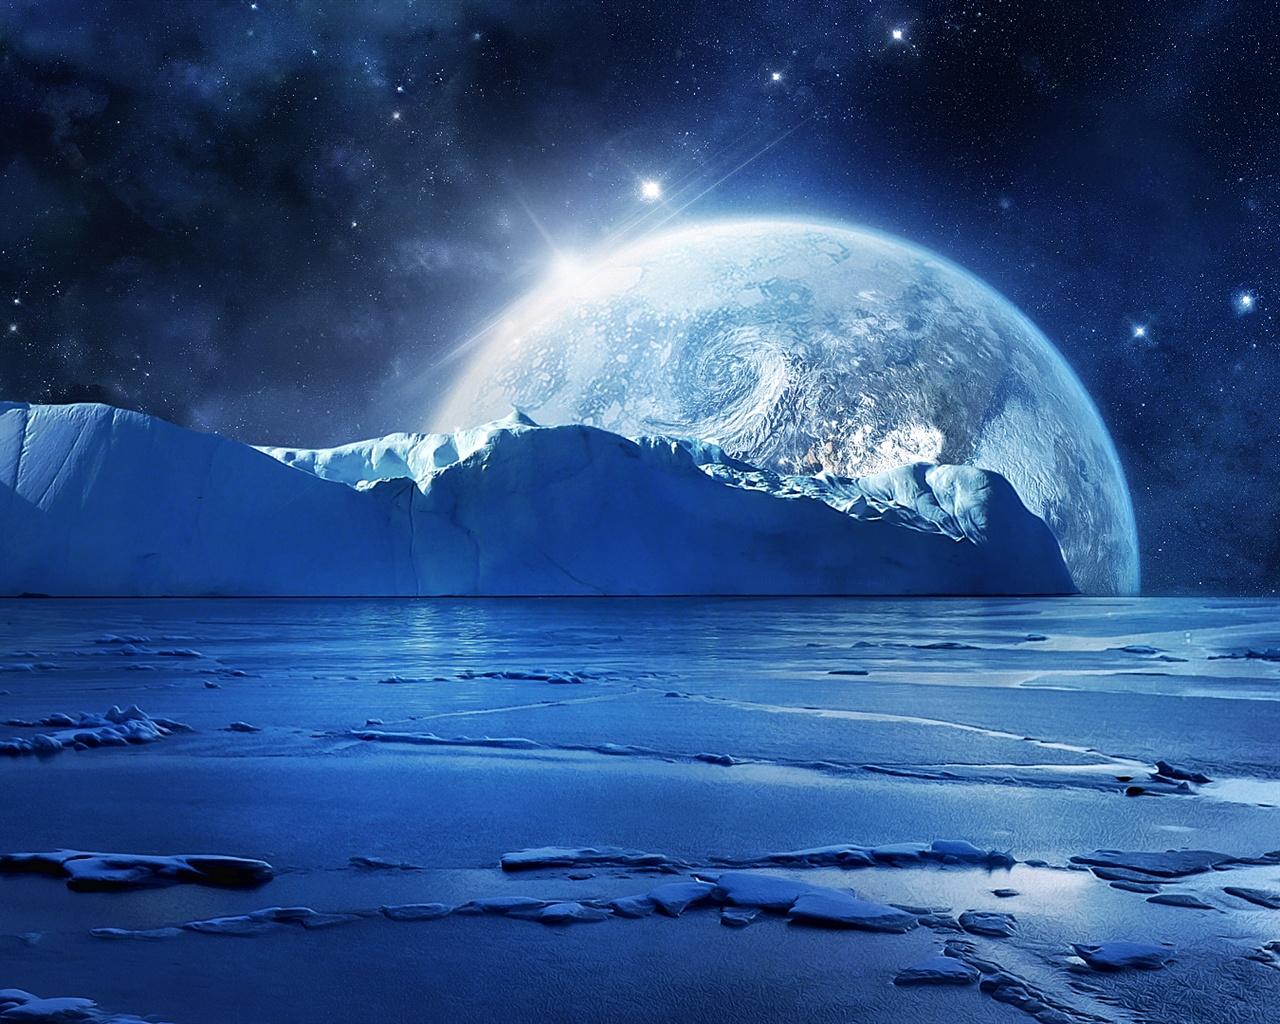 Fonds d'écran L'eau bleue de la glace de mer, nuit froide, les planètes et les étoiles 1920x1080 ...